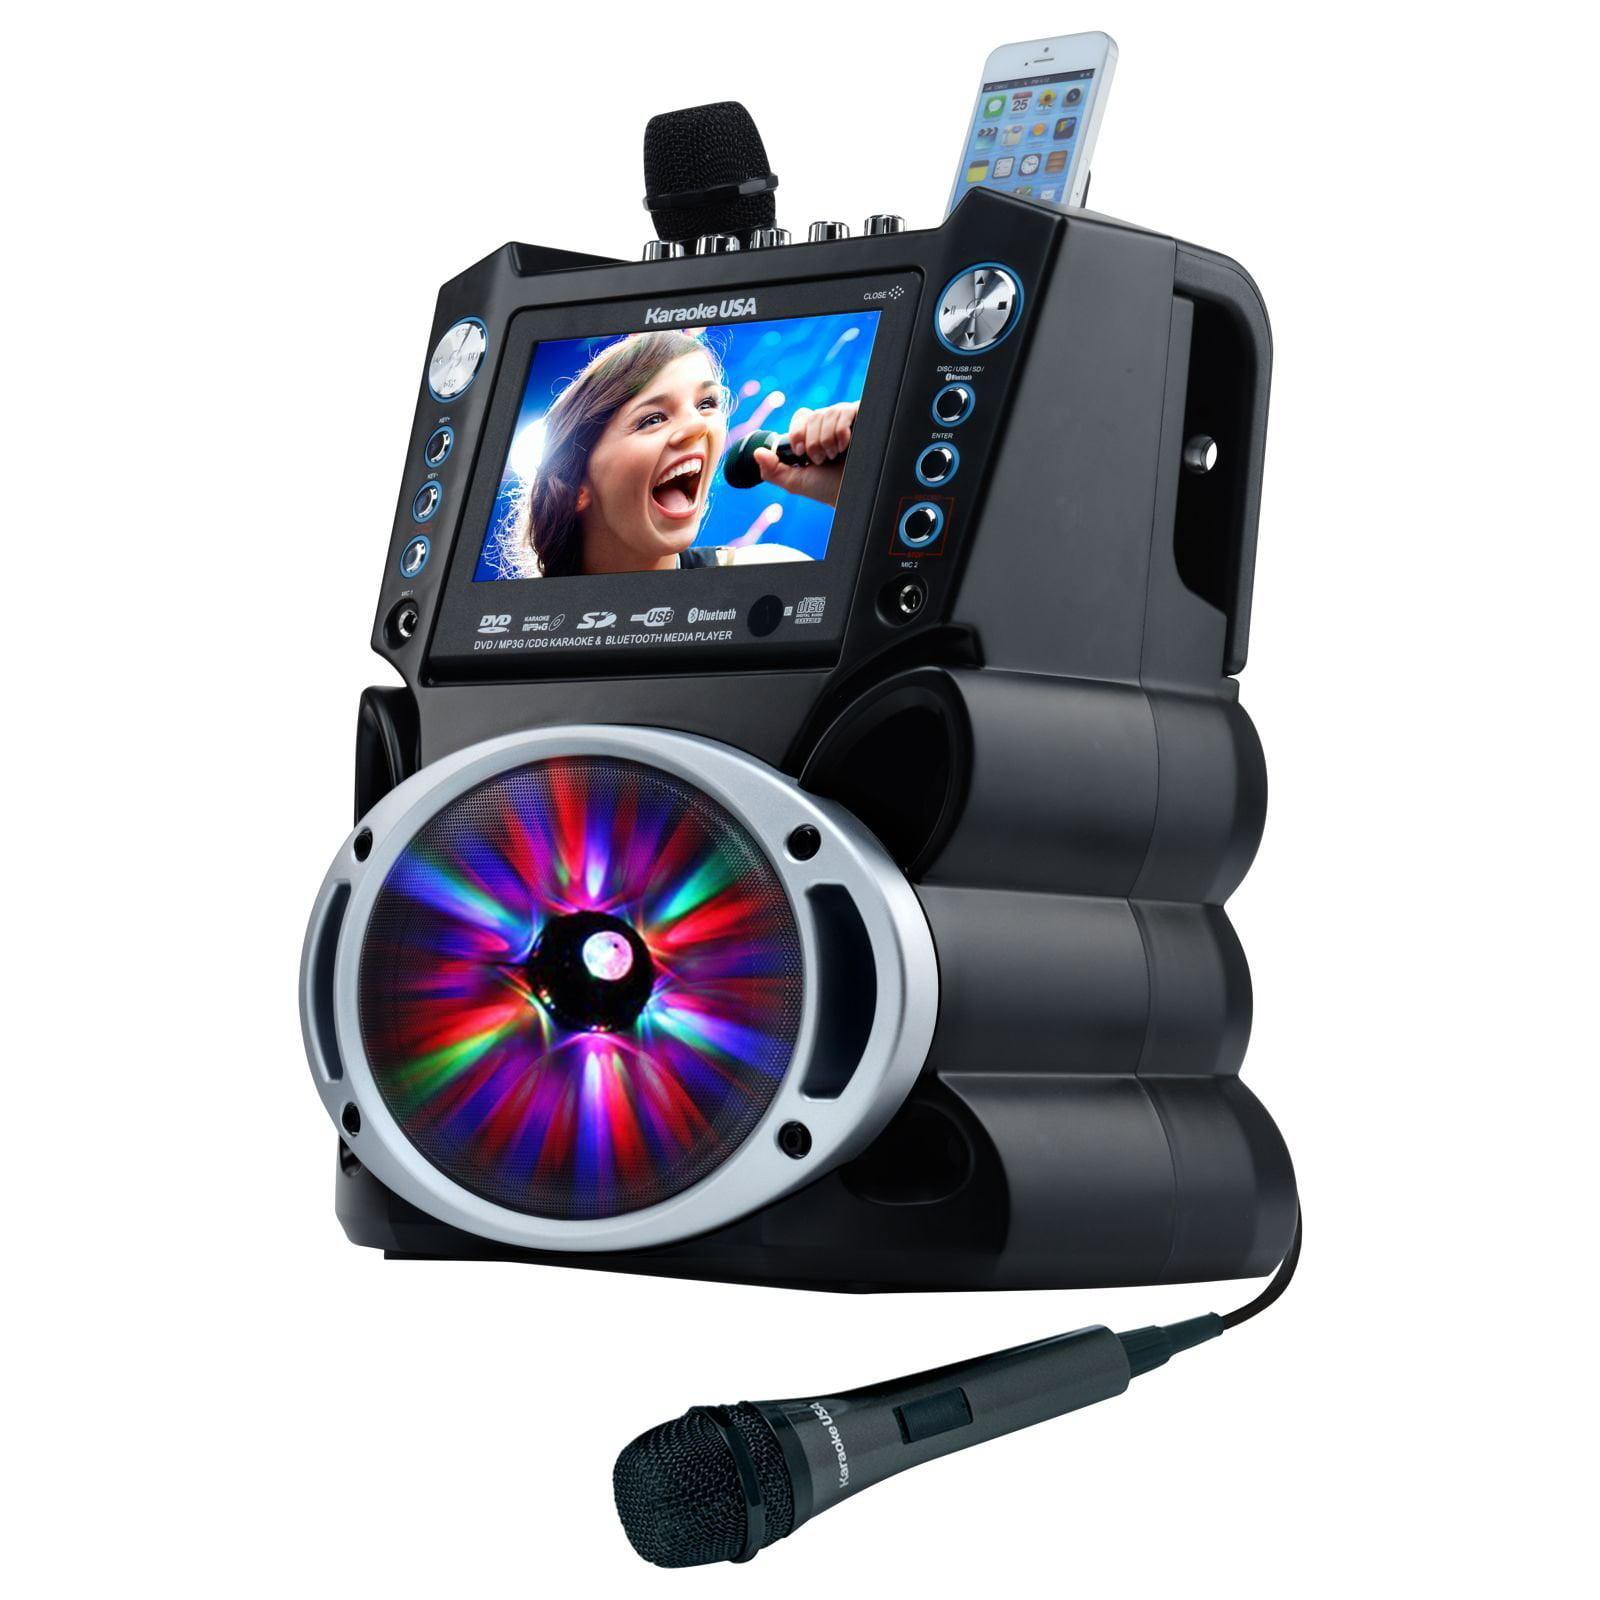 Karaoke USA GF842 Complete Bluetooth Karaoke System with LED Sync Lights- 35 Watt Power Output includes 2... by KARAOKE USA(TM)